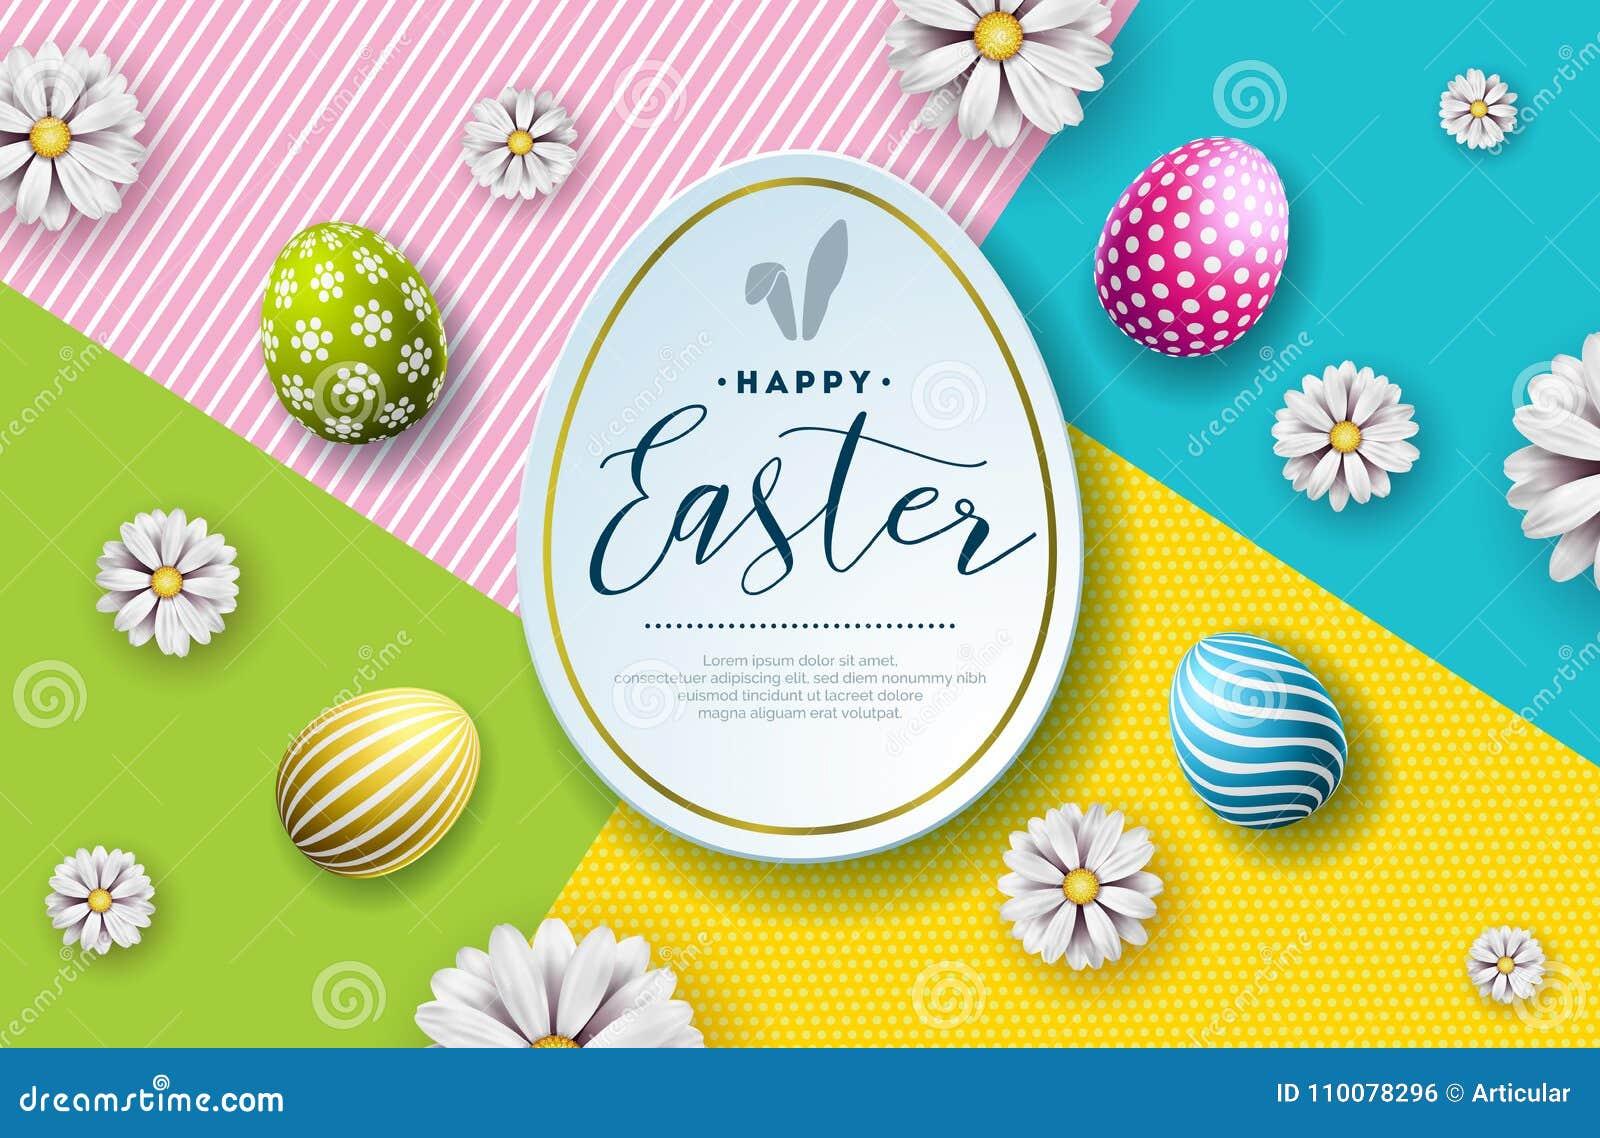 Vektor-Illustration glücklichen Ostern-Feiertags mit gemaltem Ei und Blume auf abstraktem Hintergrund international